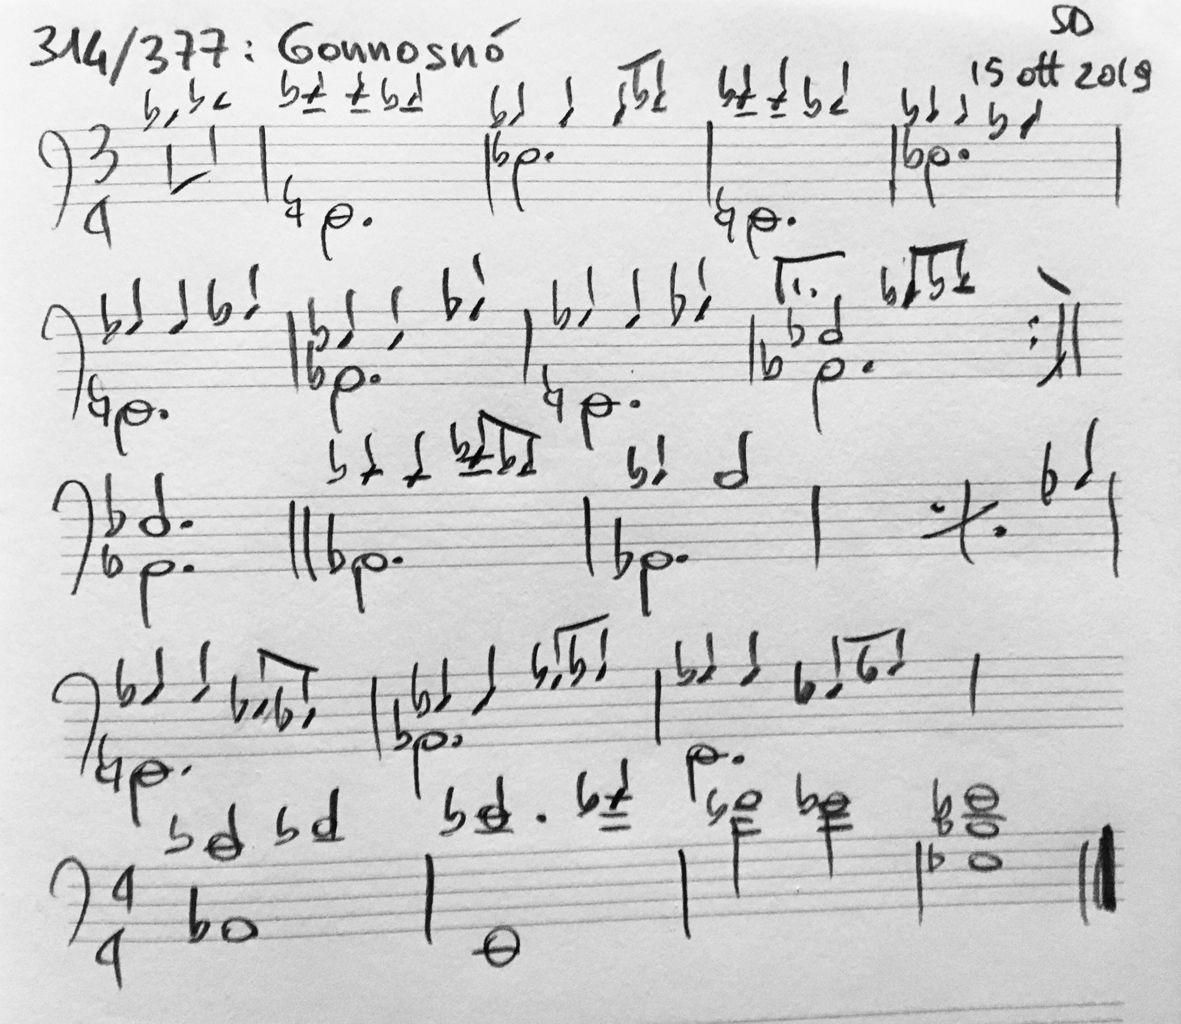 314-Gonnosnò-score